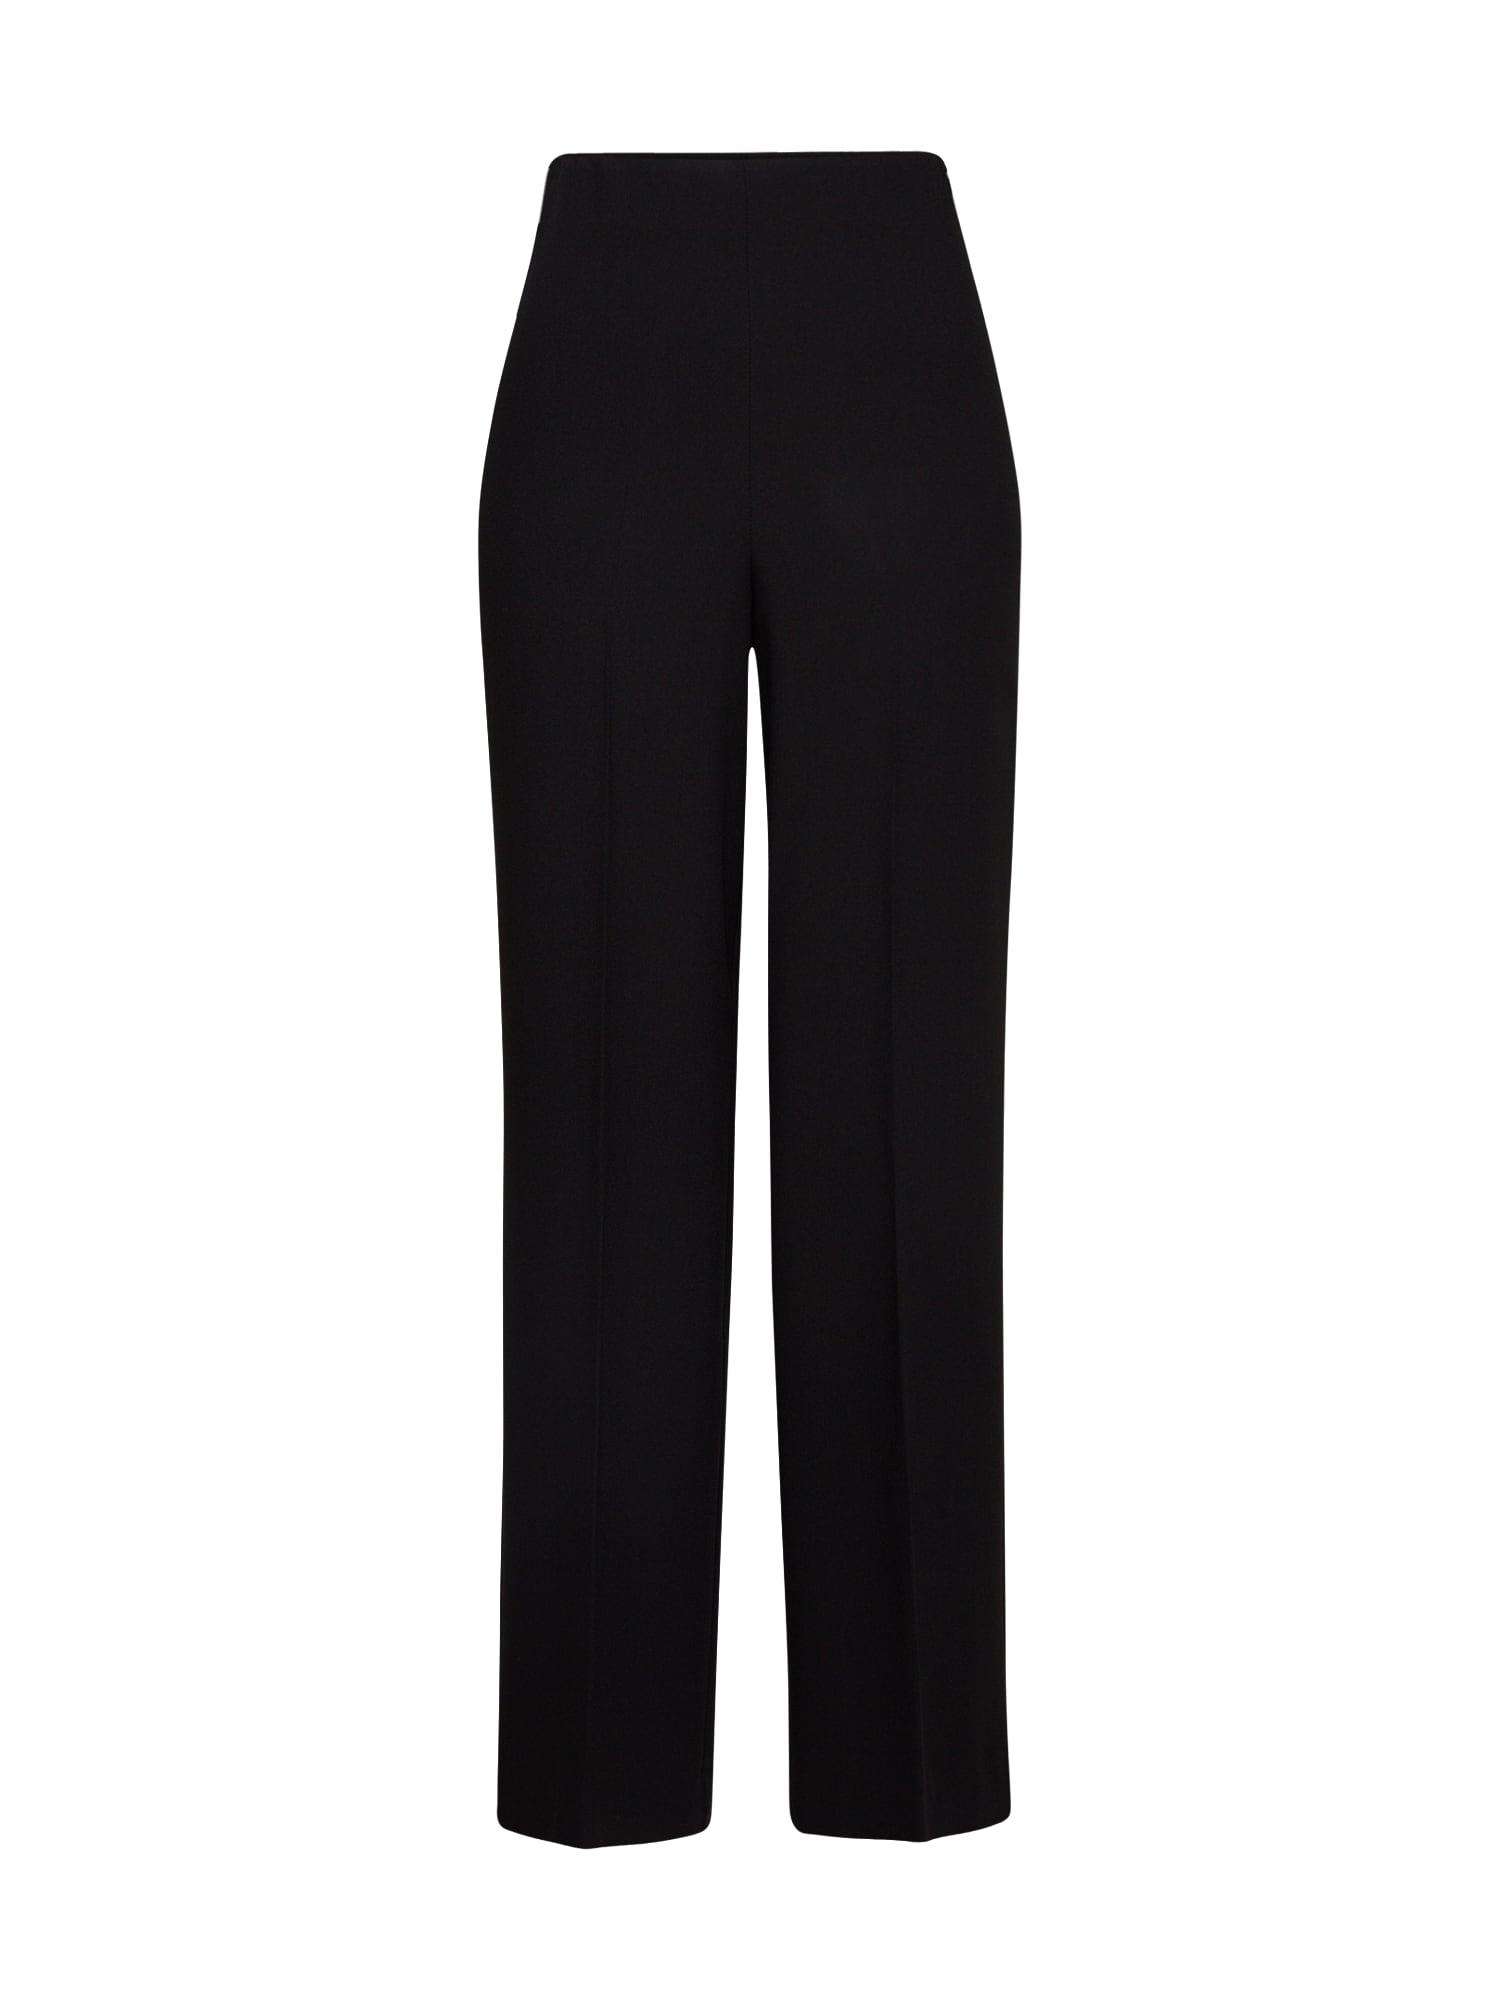 Kalhoty s puky Polina černá EDITED